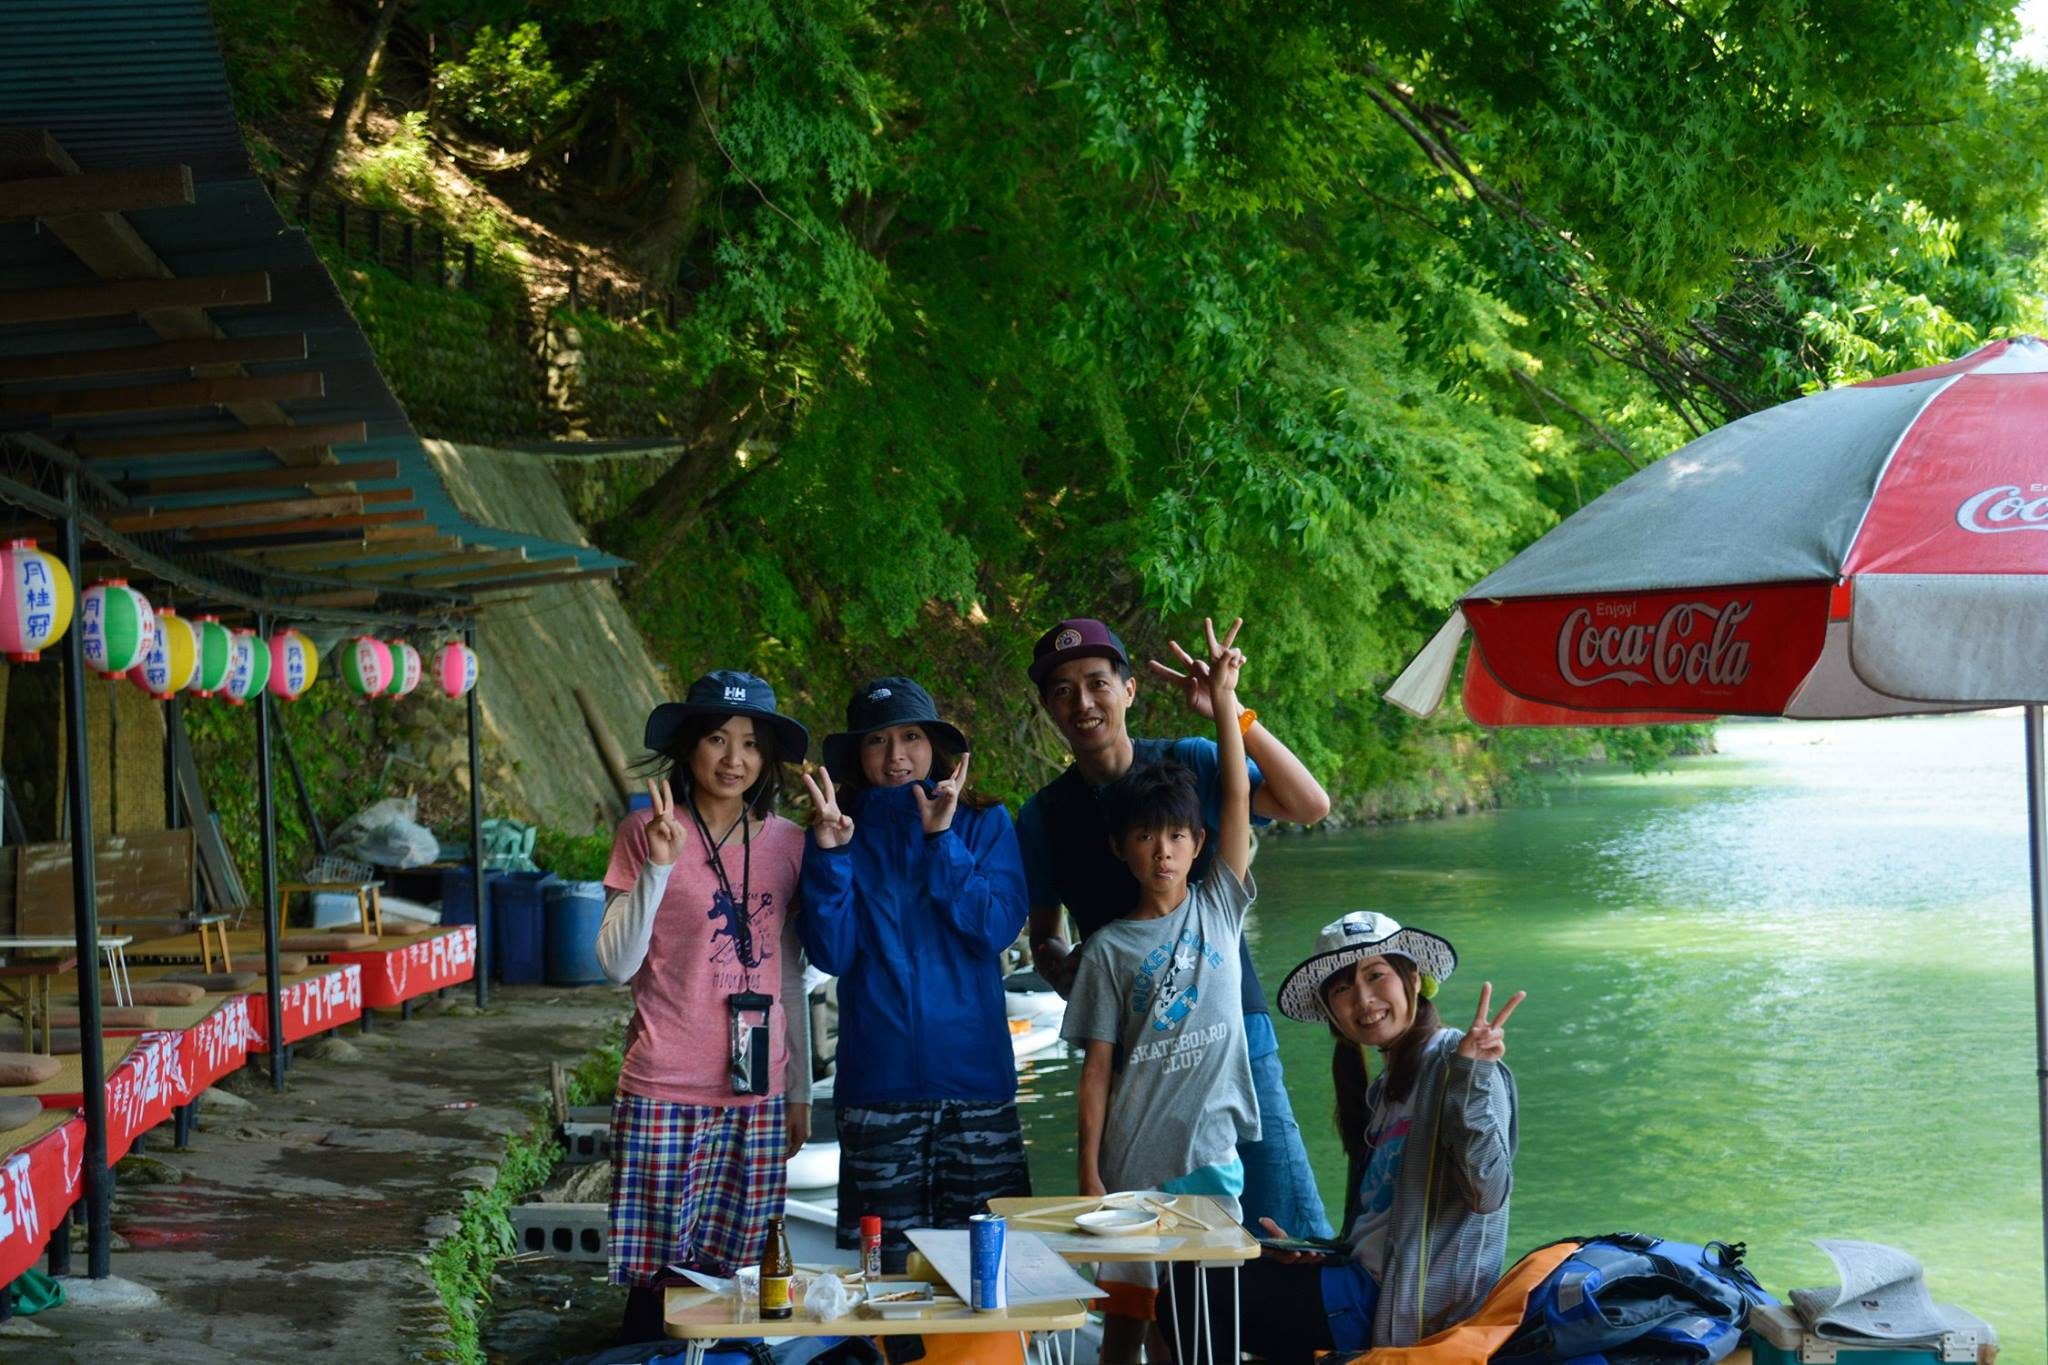 琴が瀬茶屋さんではお食事や飲み物も楽しめます!